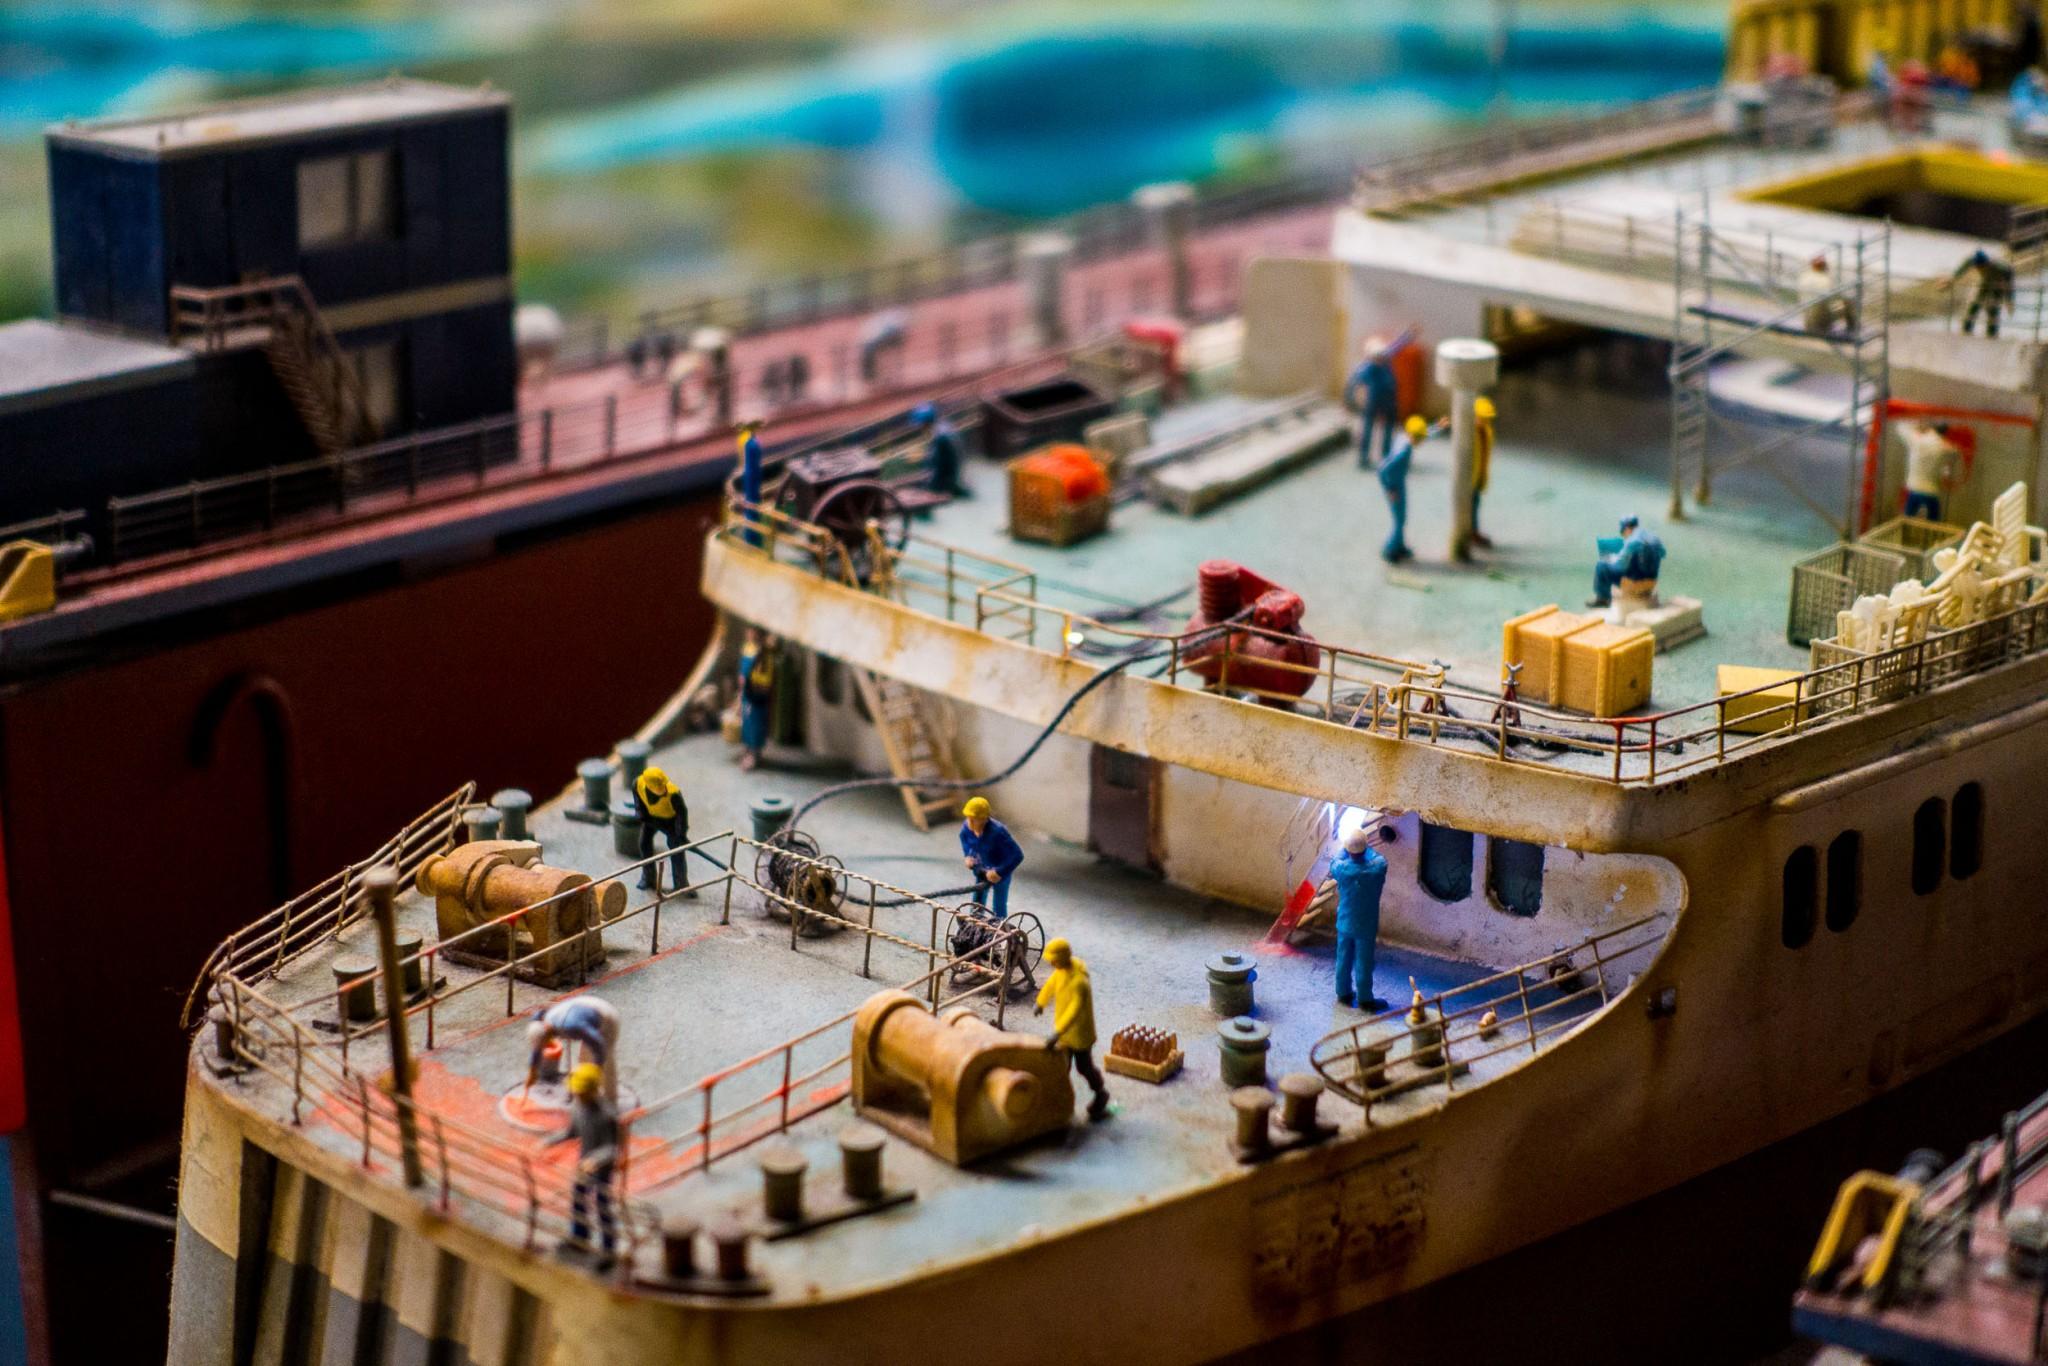 Miniatur Wunderland Hamburg - Alles bis ins kleine Detail mit liebe gestaltet